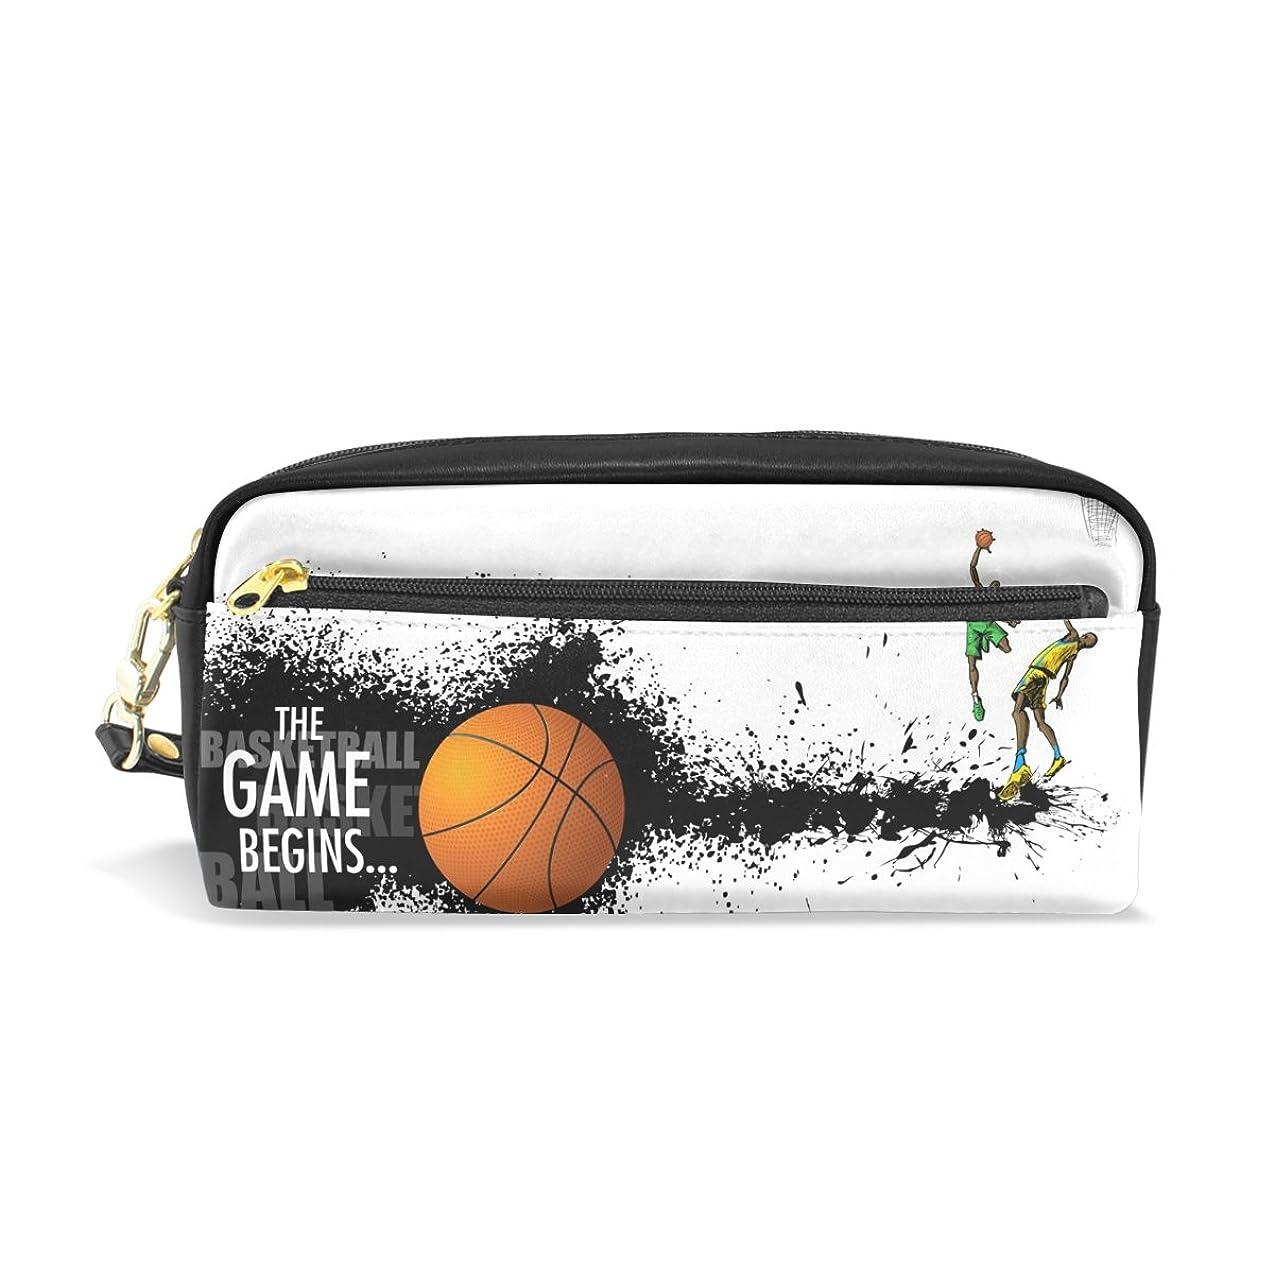 若者テープバージンAOMOKI ペンケース 化粧ポーチ 小物入り 多機能バッグ バスケット